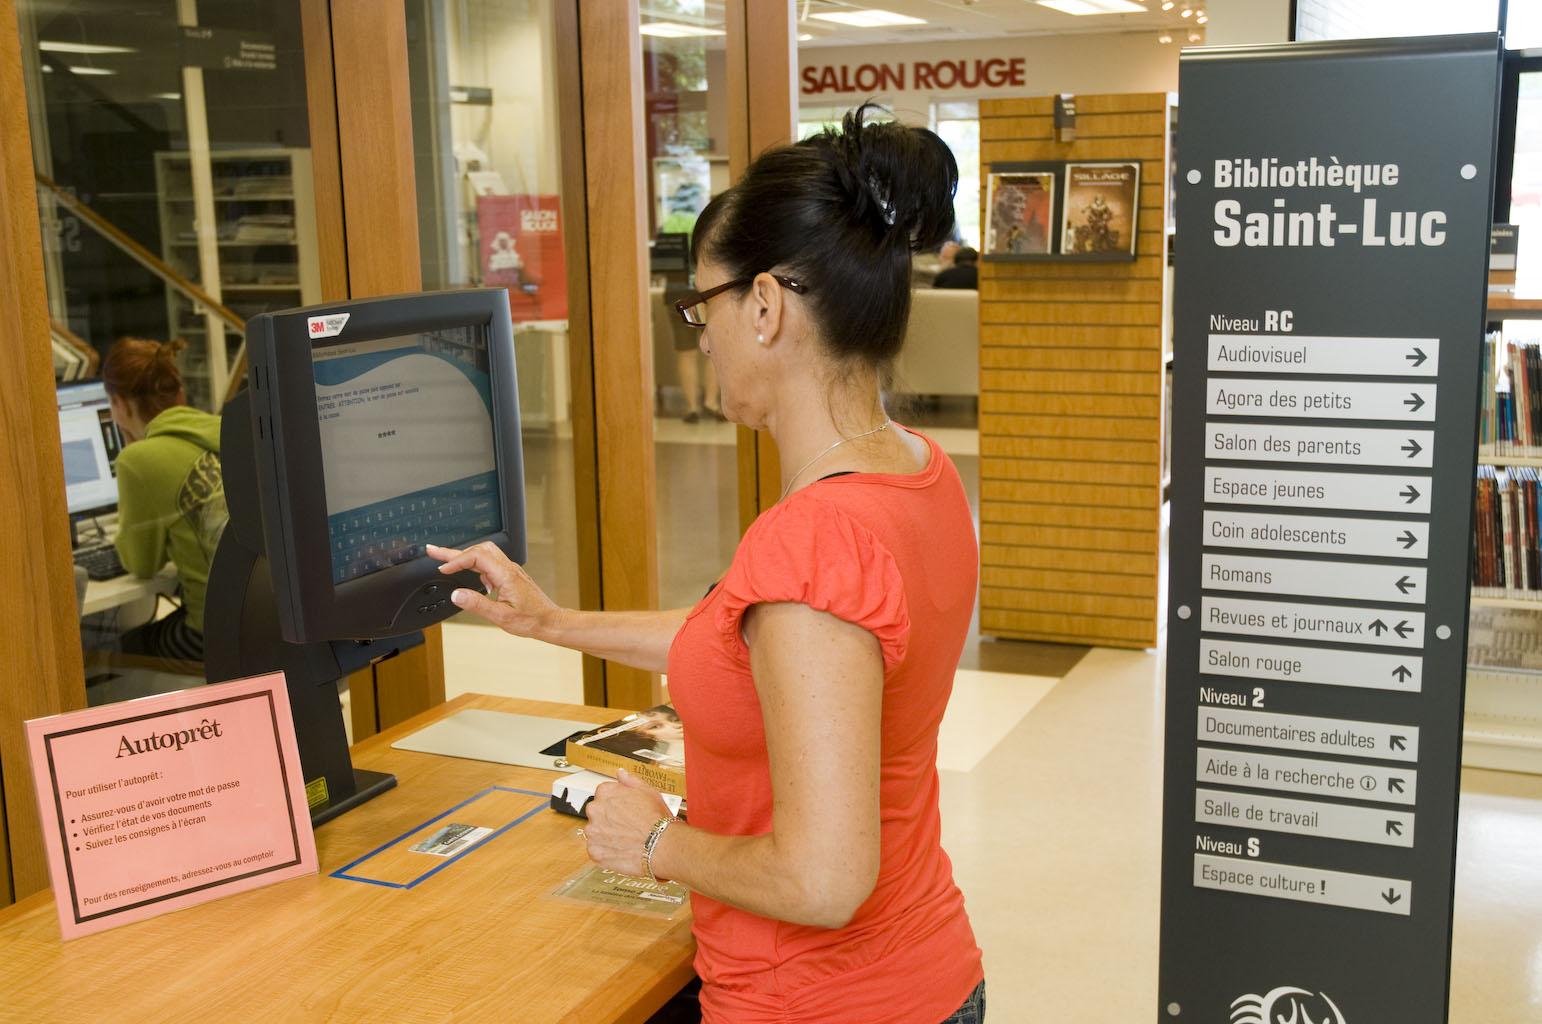 Prêt en libre-service à la bibliothèque Saint-Luc